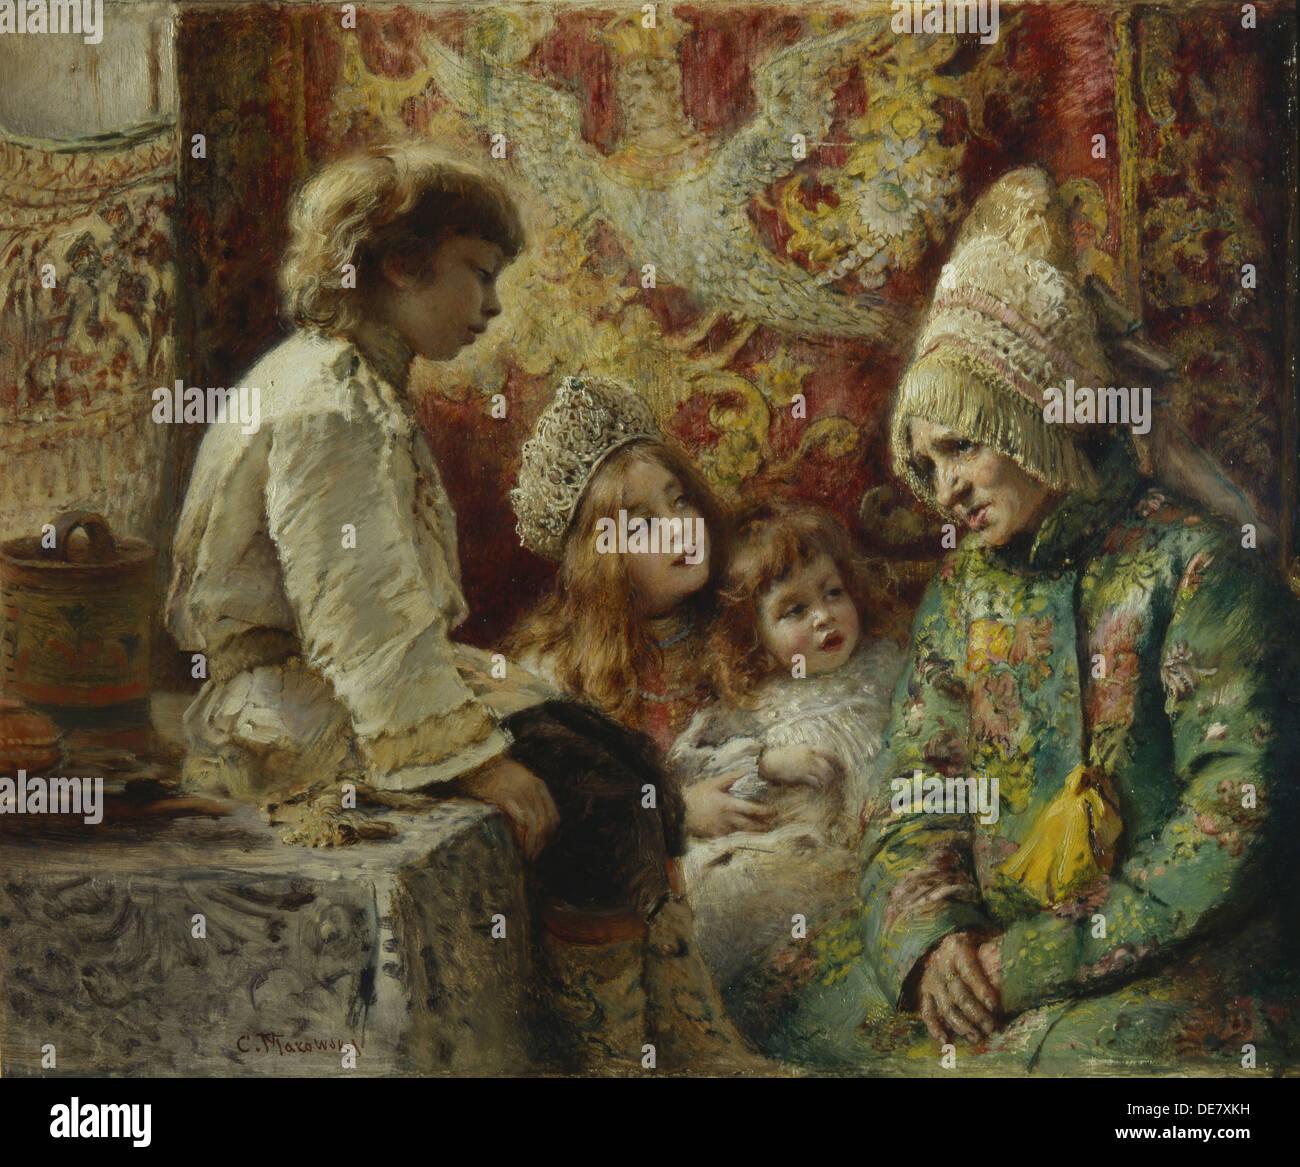 La abuela de la Abuela con los niños (Cuento de Hadas), 1882. Artista: Makovsky, Konstantin Yegorovich (1839-1915) Imagen De Stock